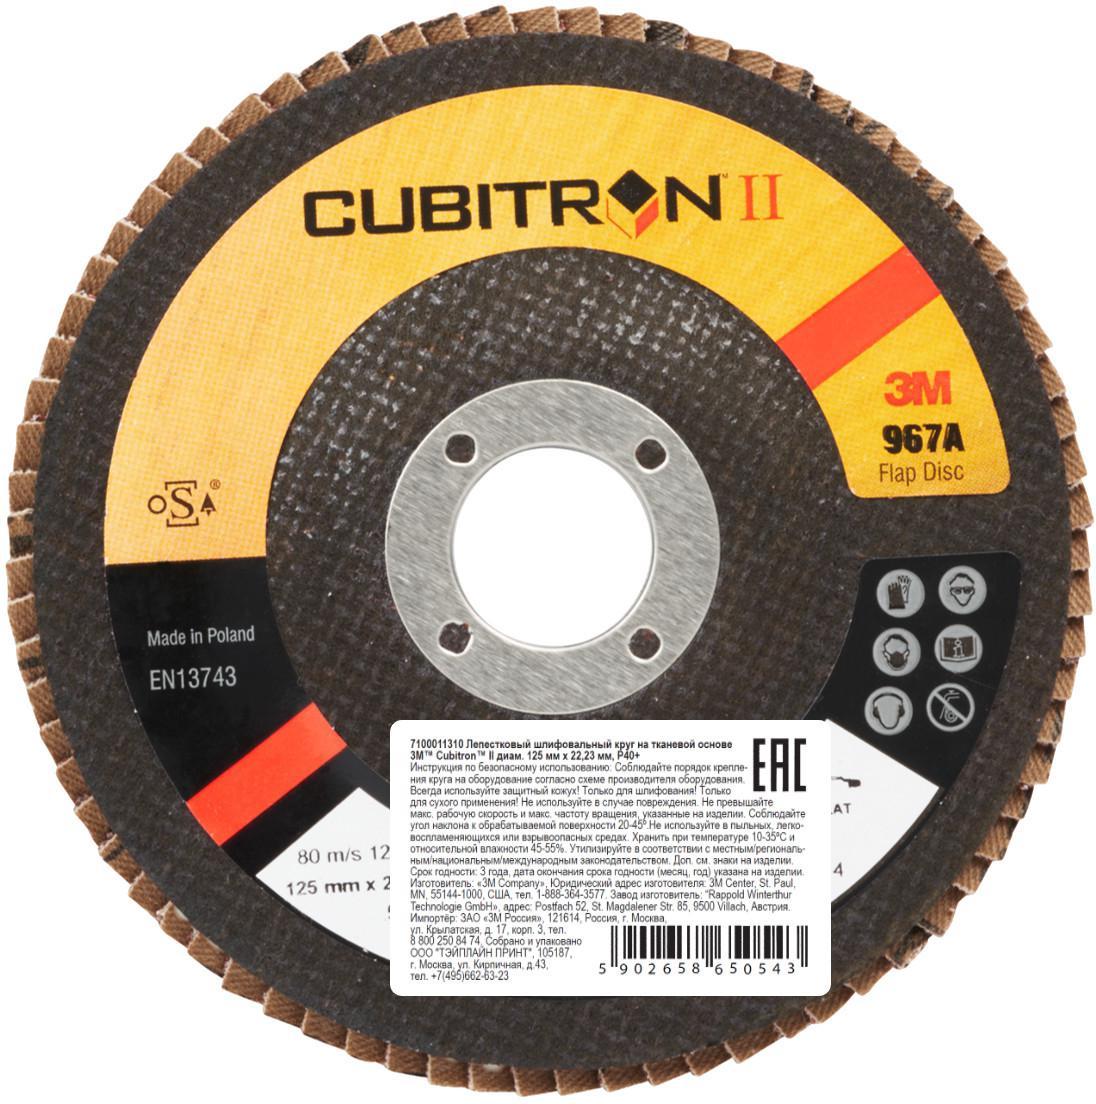 Circle Petal Groove (CL) 3 M 3 M 967A